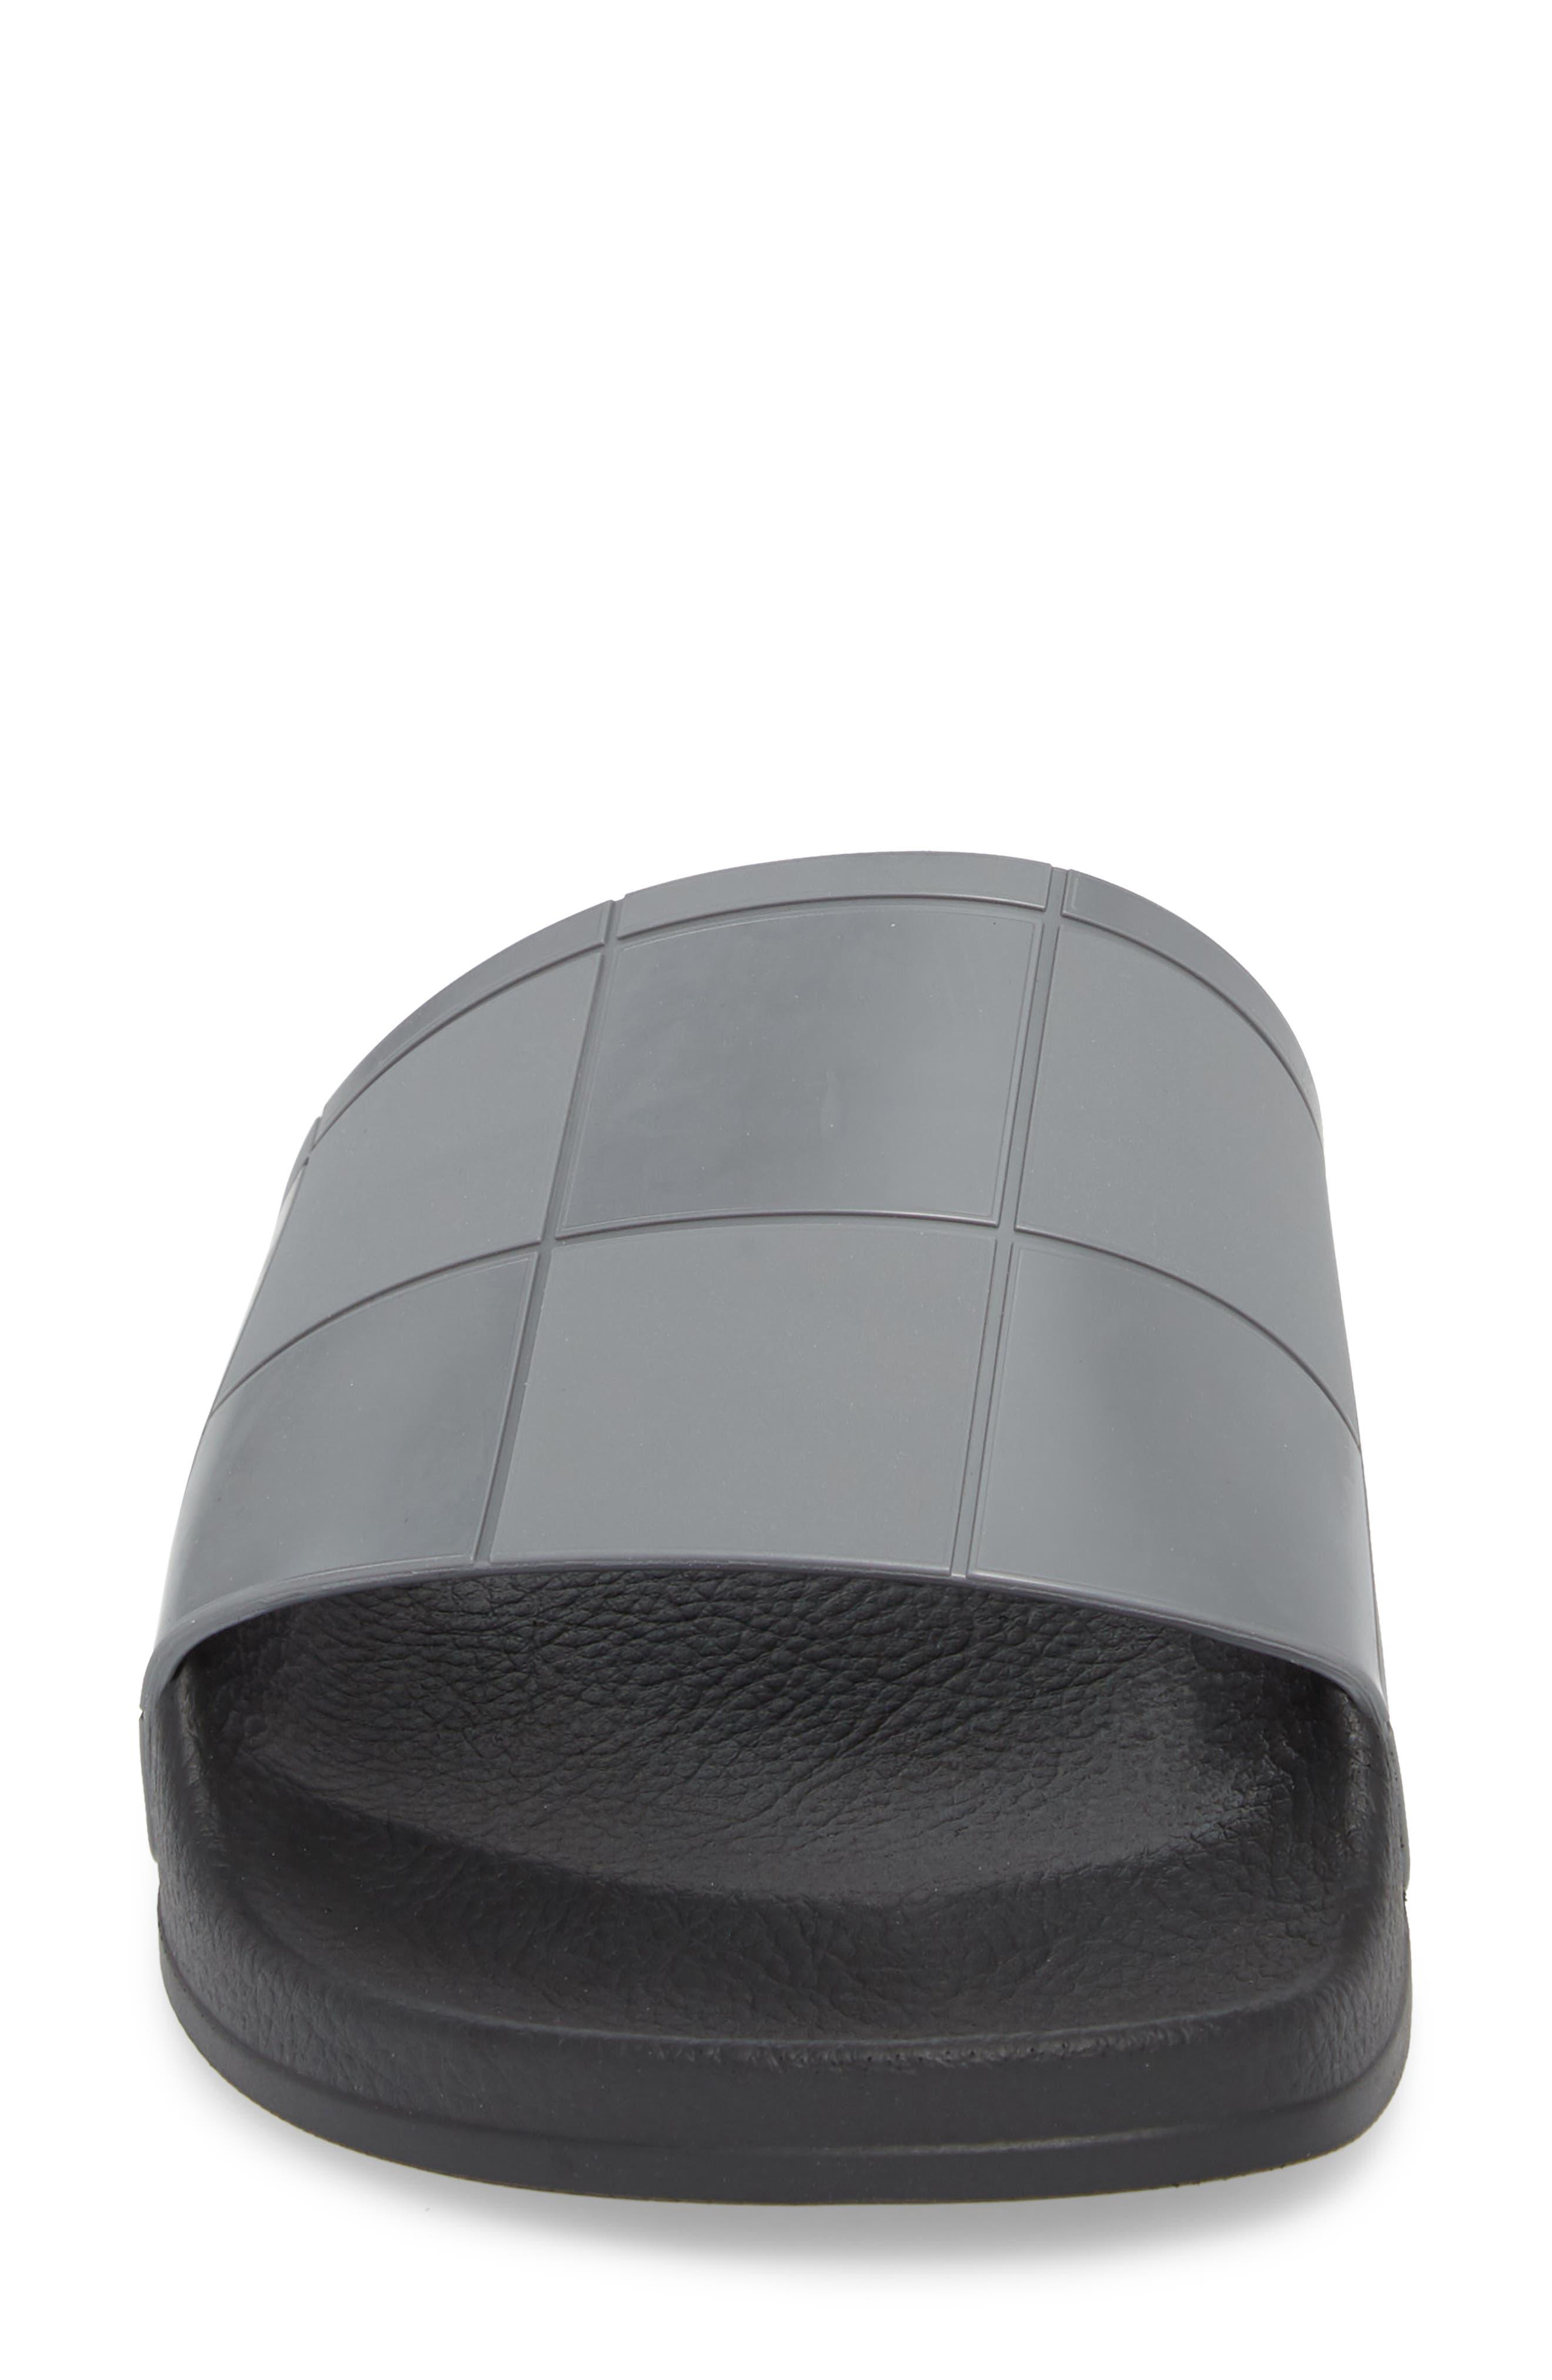 Adilette Slide Sandal,                             Alternate thumbnail 4, color,                             Core Black/ Granite